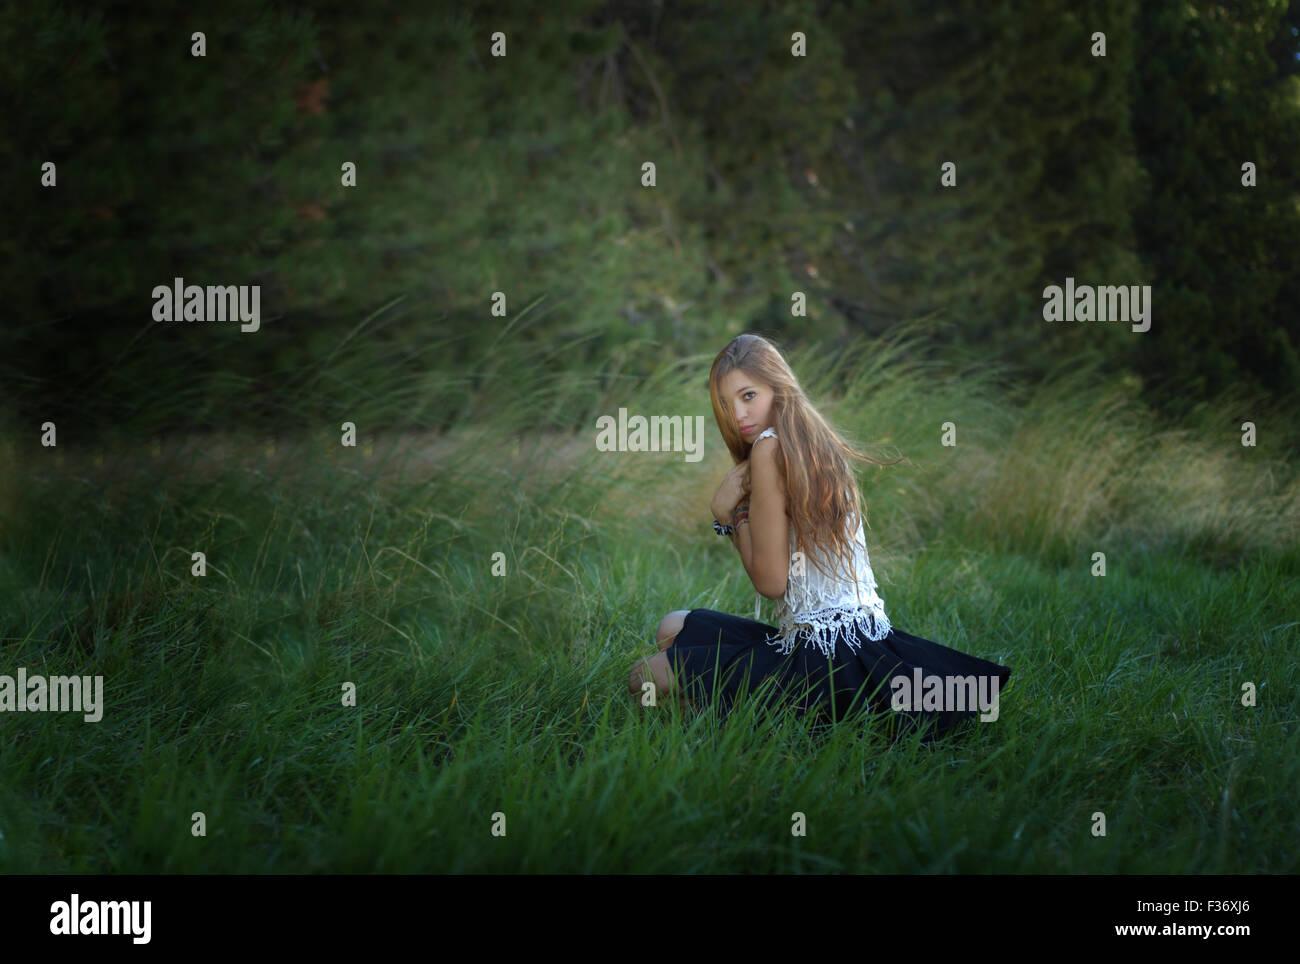 La ragazza misteriosa con capelli lunghi nella foresta verde erba Immagini Stock